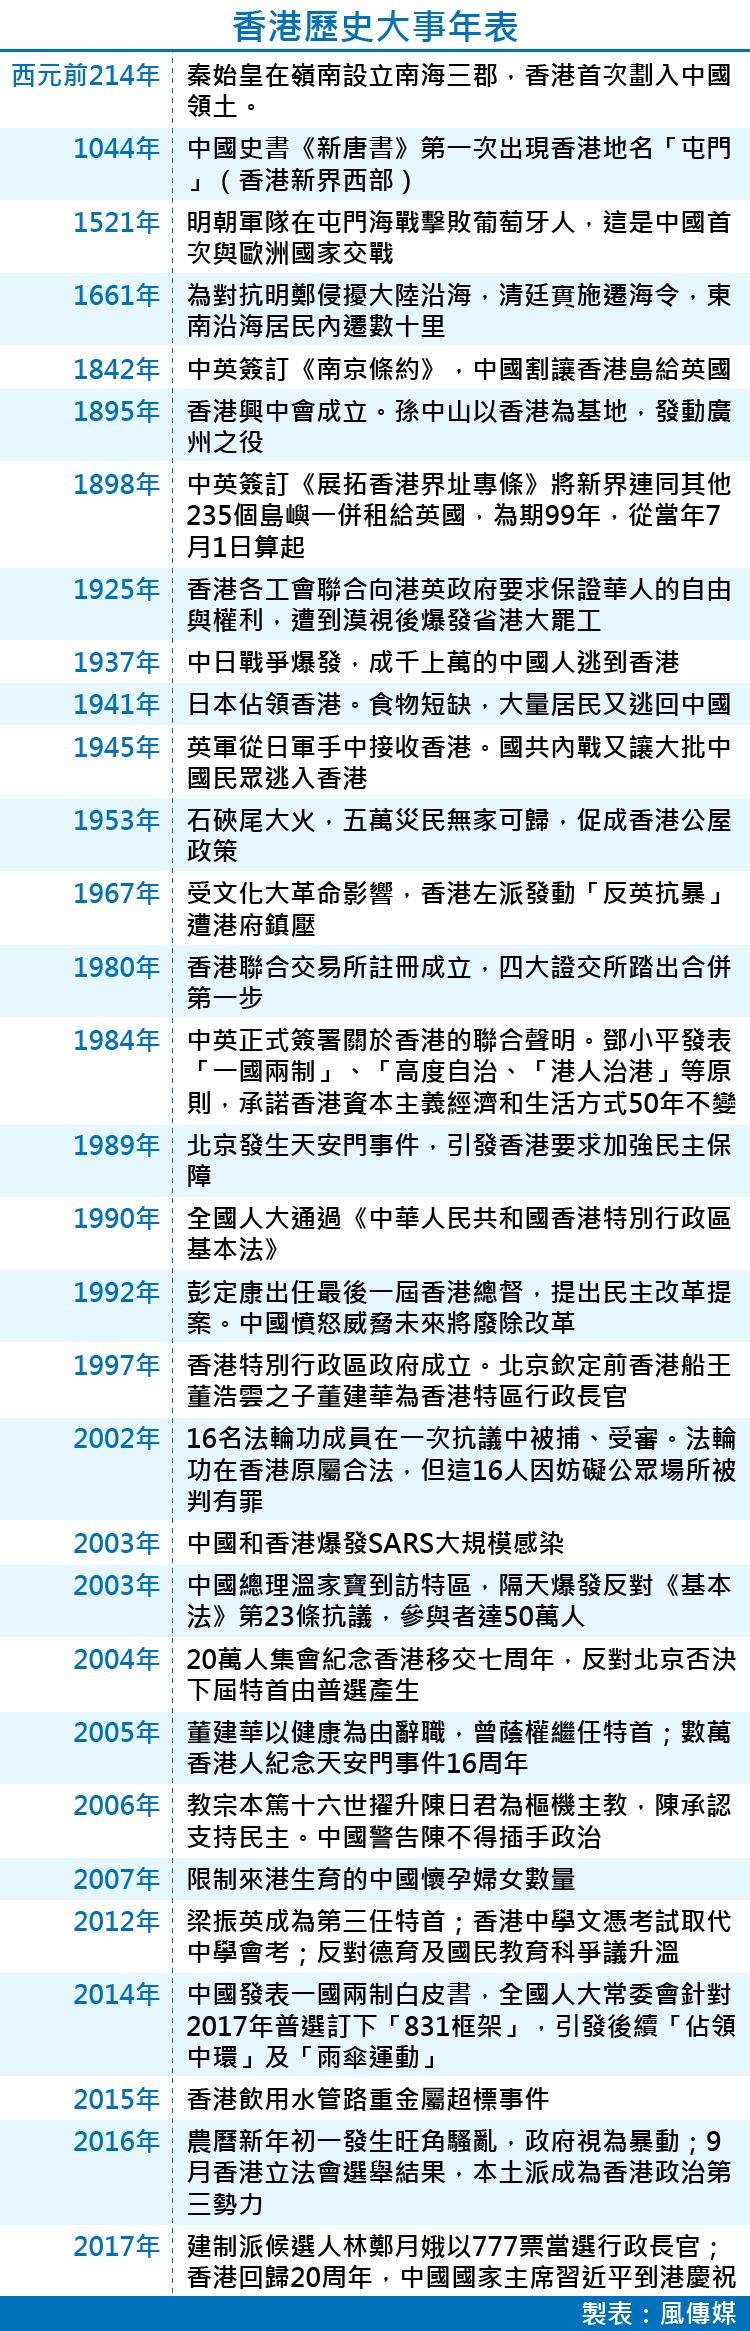 香港歷史大事年表。(製表/鄭力瑋)